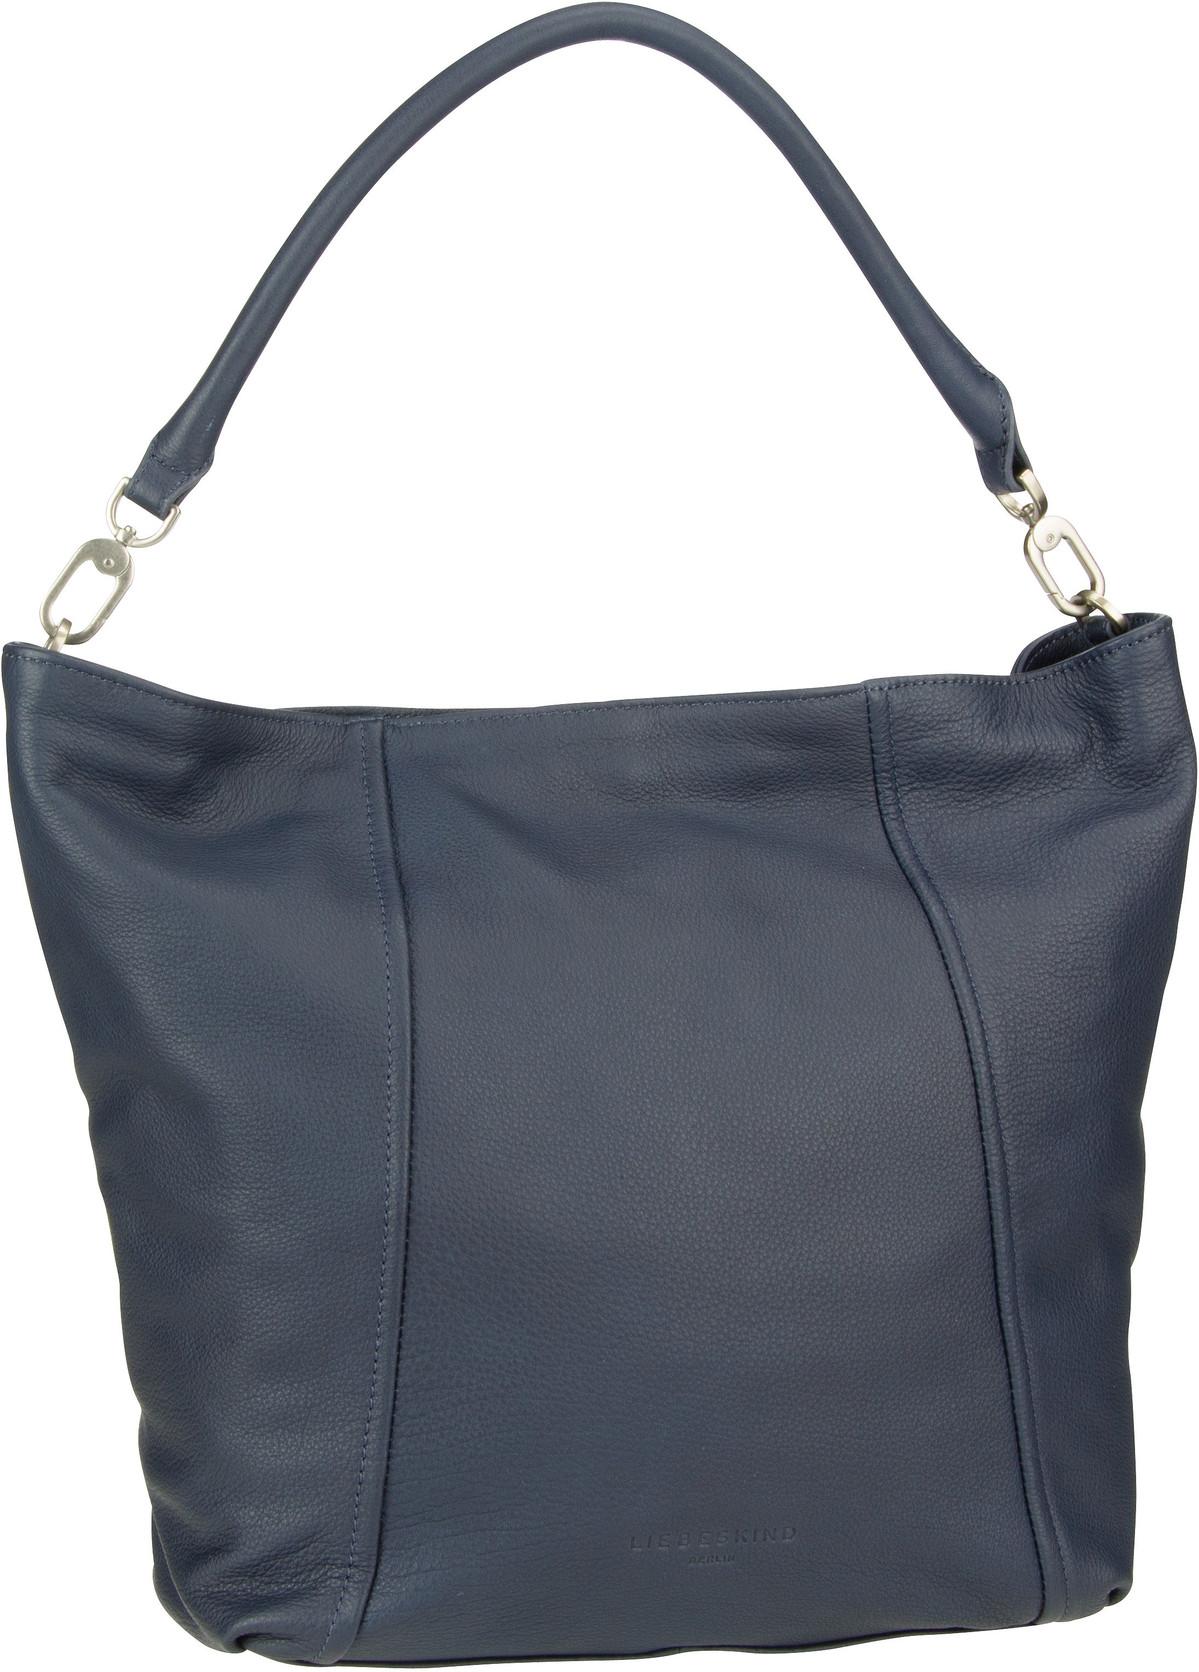 Berlin Handtasche Iva C20 Navy Blue